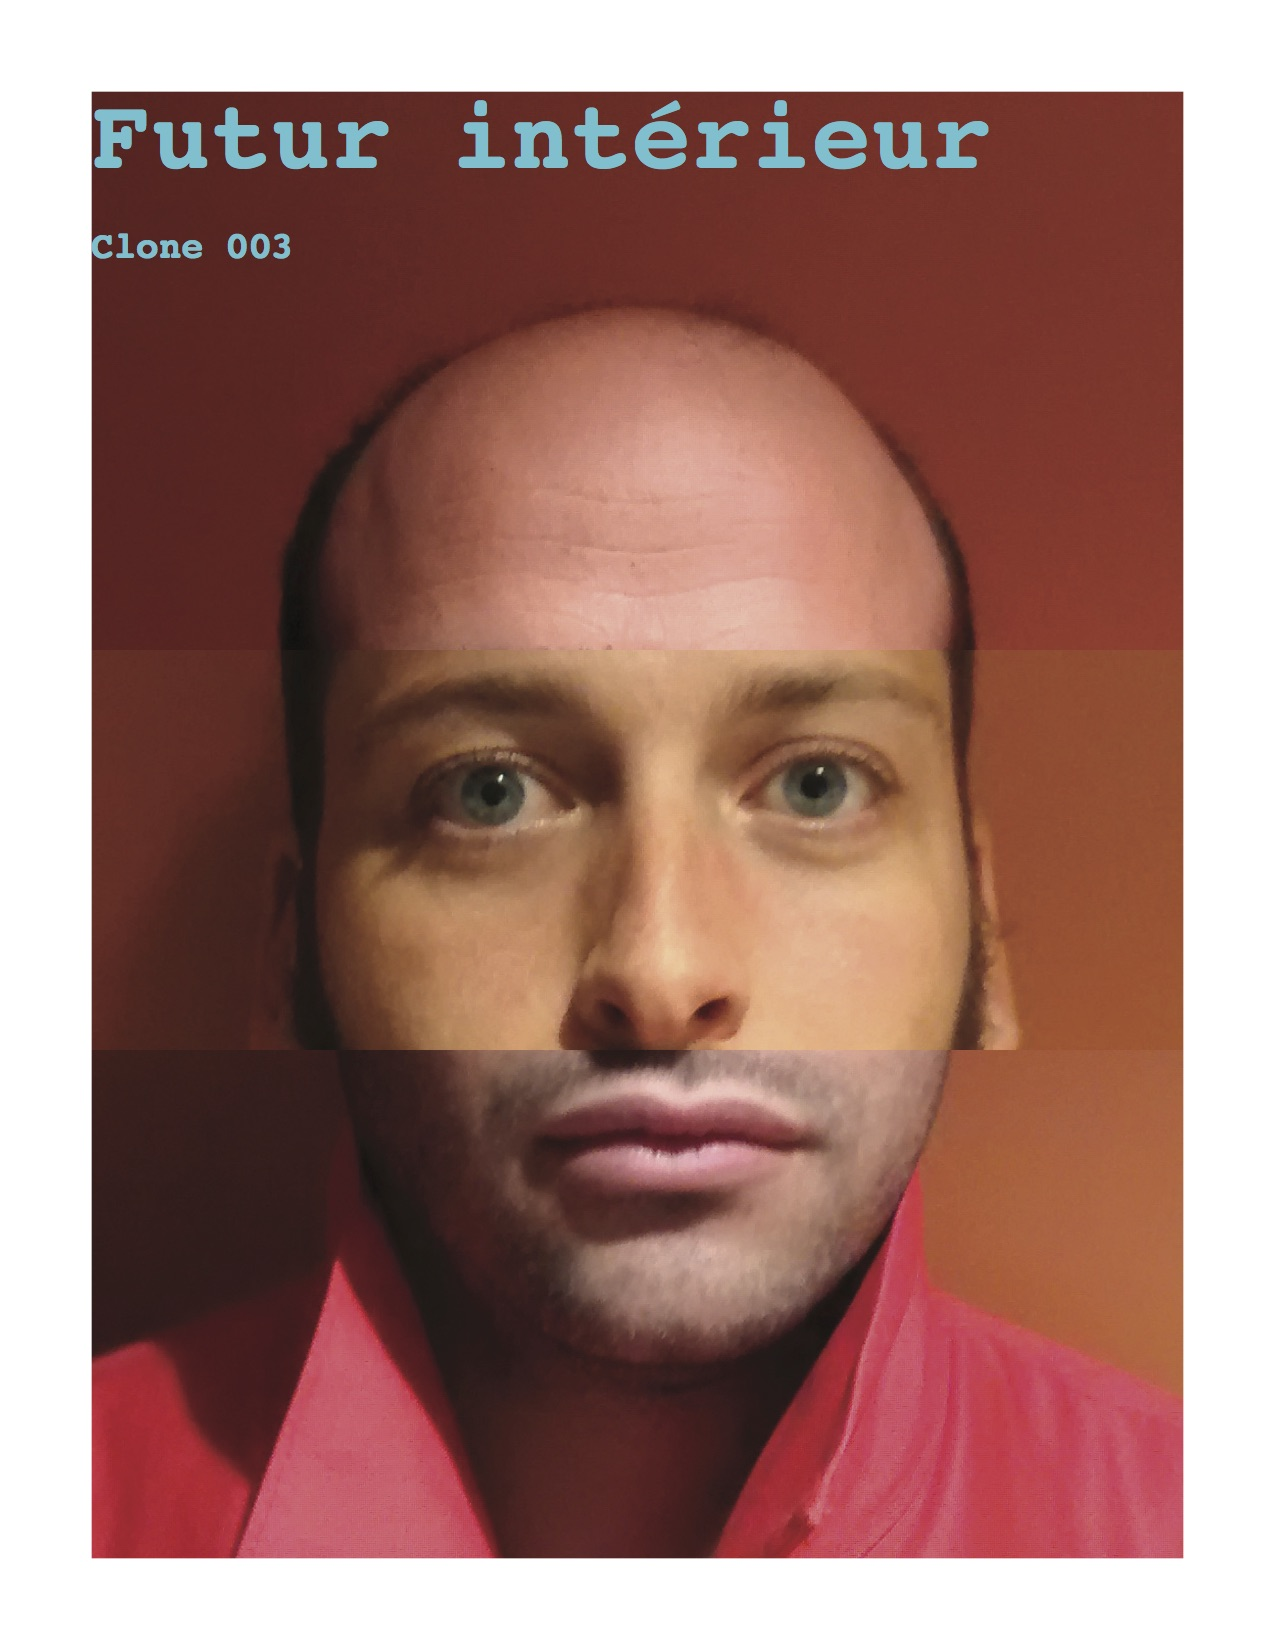 Clone003